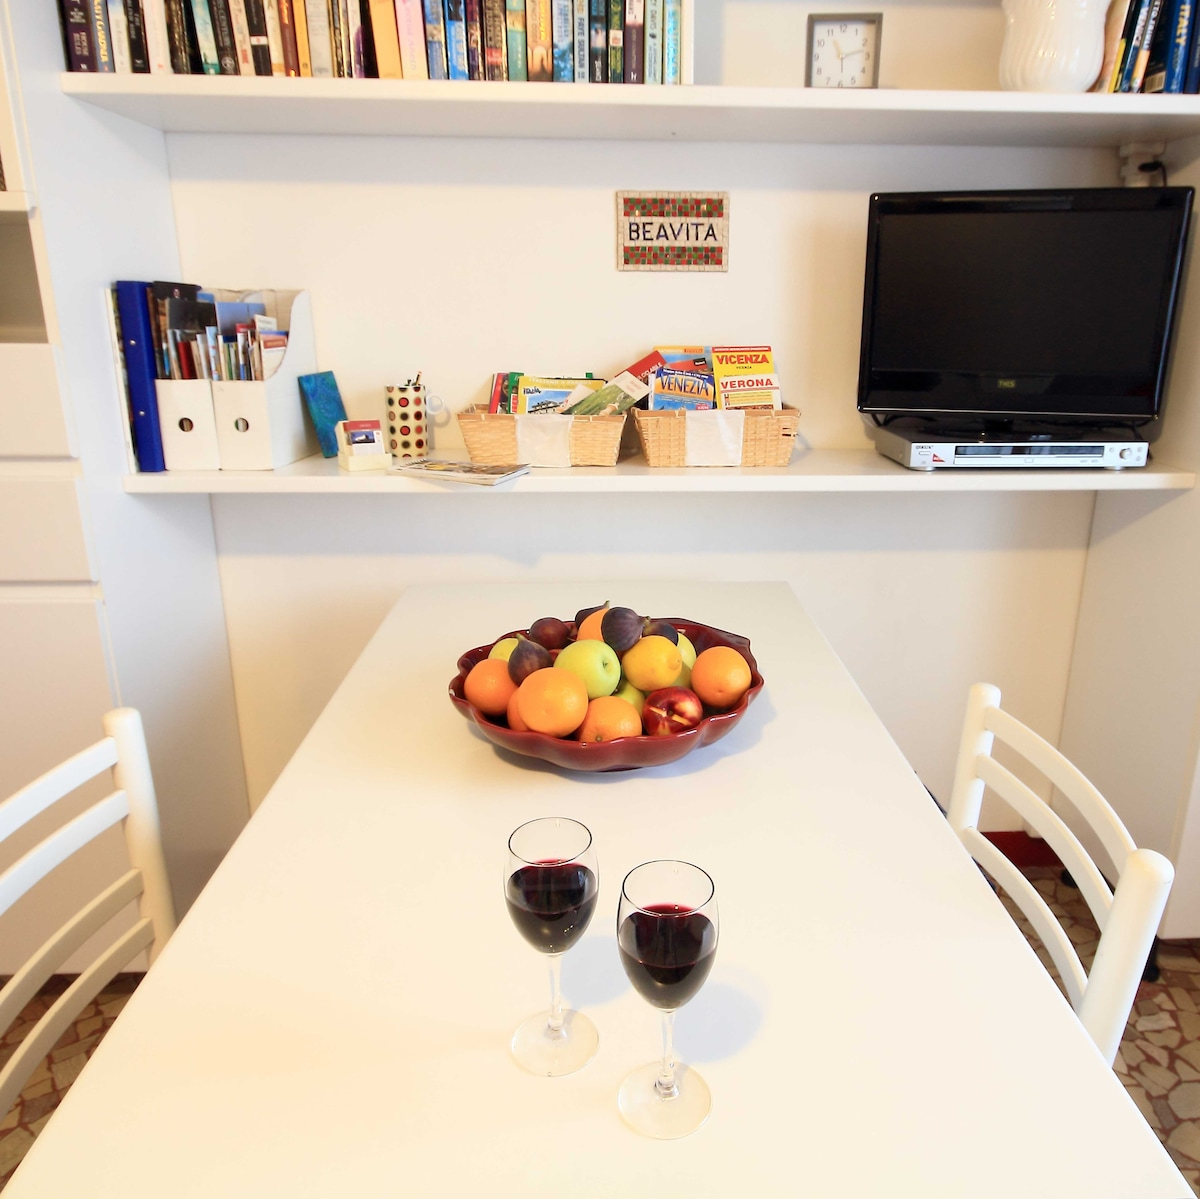 Beavita-Padova: your casa italiana!